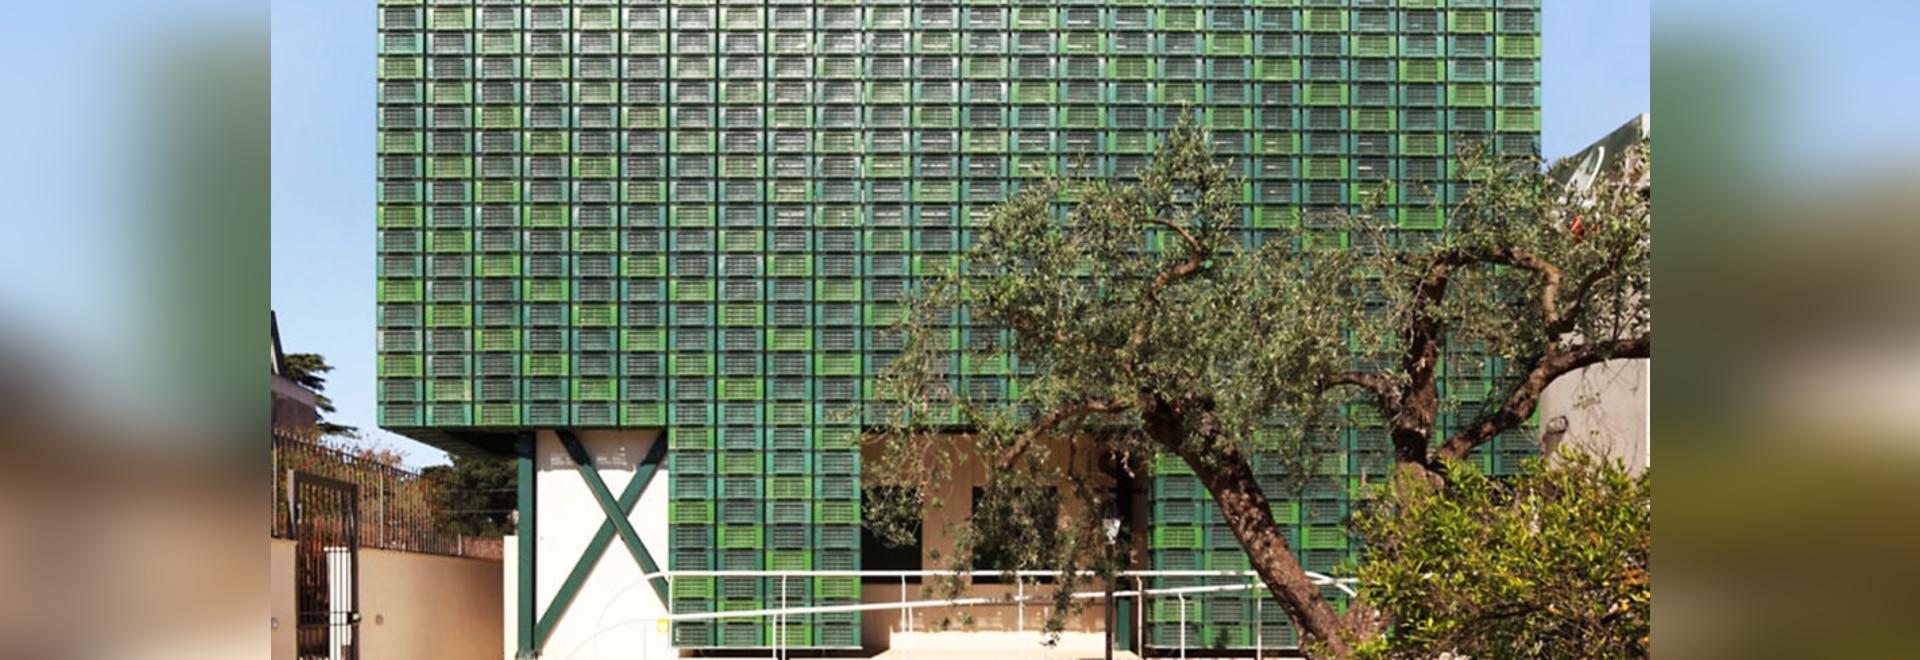 Hunderte von repurposed orange Kisten bilden auffallende Fassade in Italien